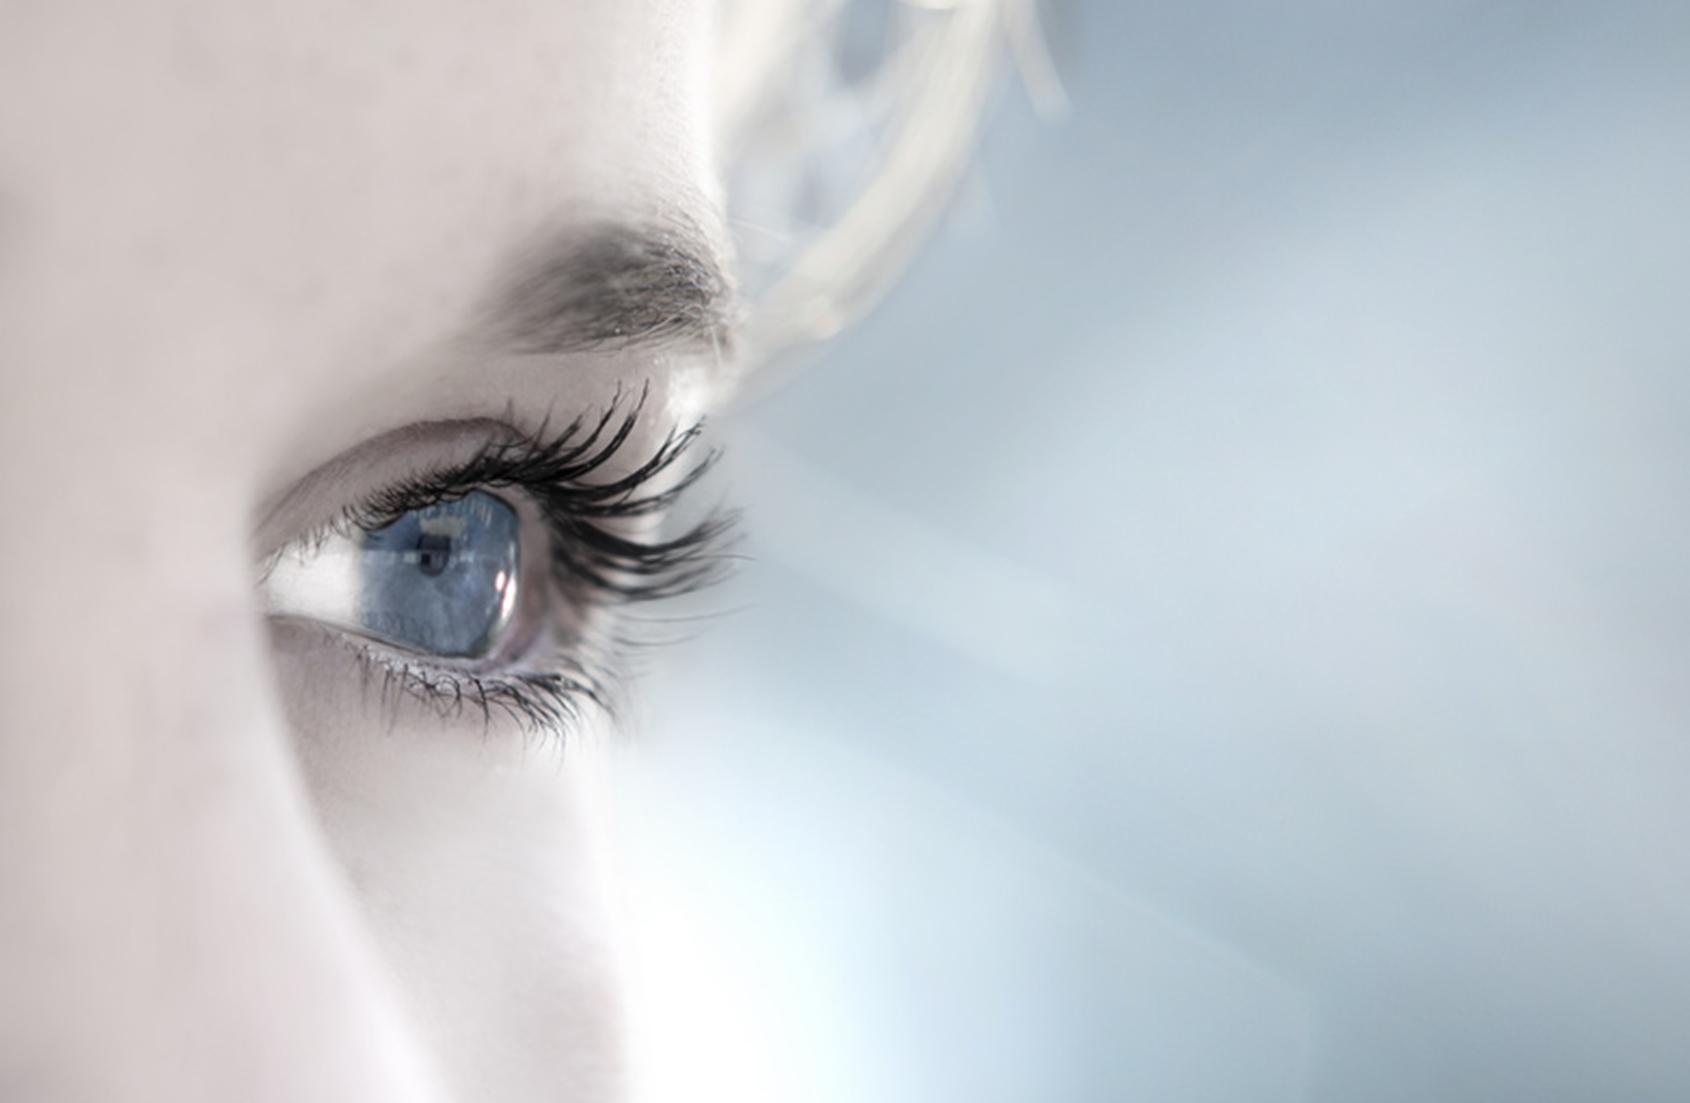 cirugia miopia argentina